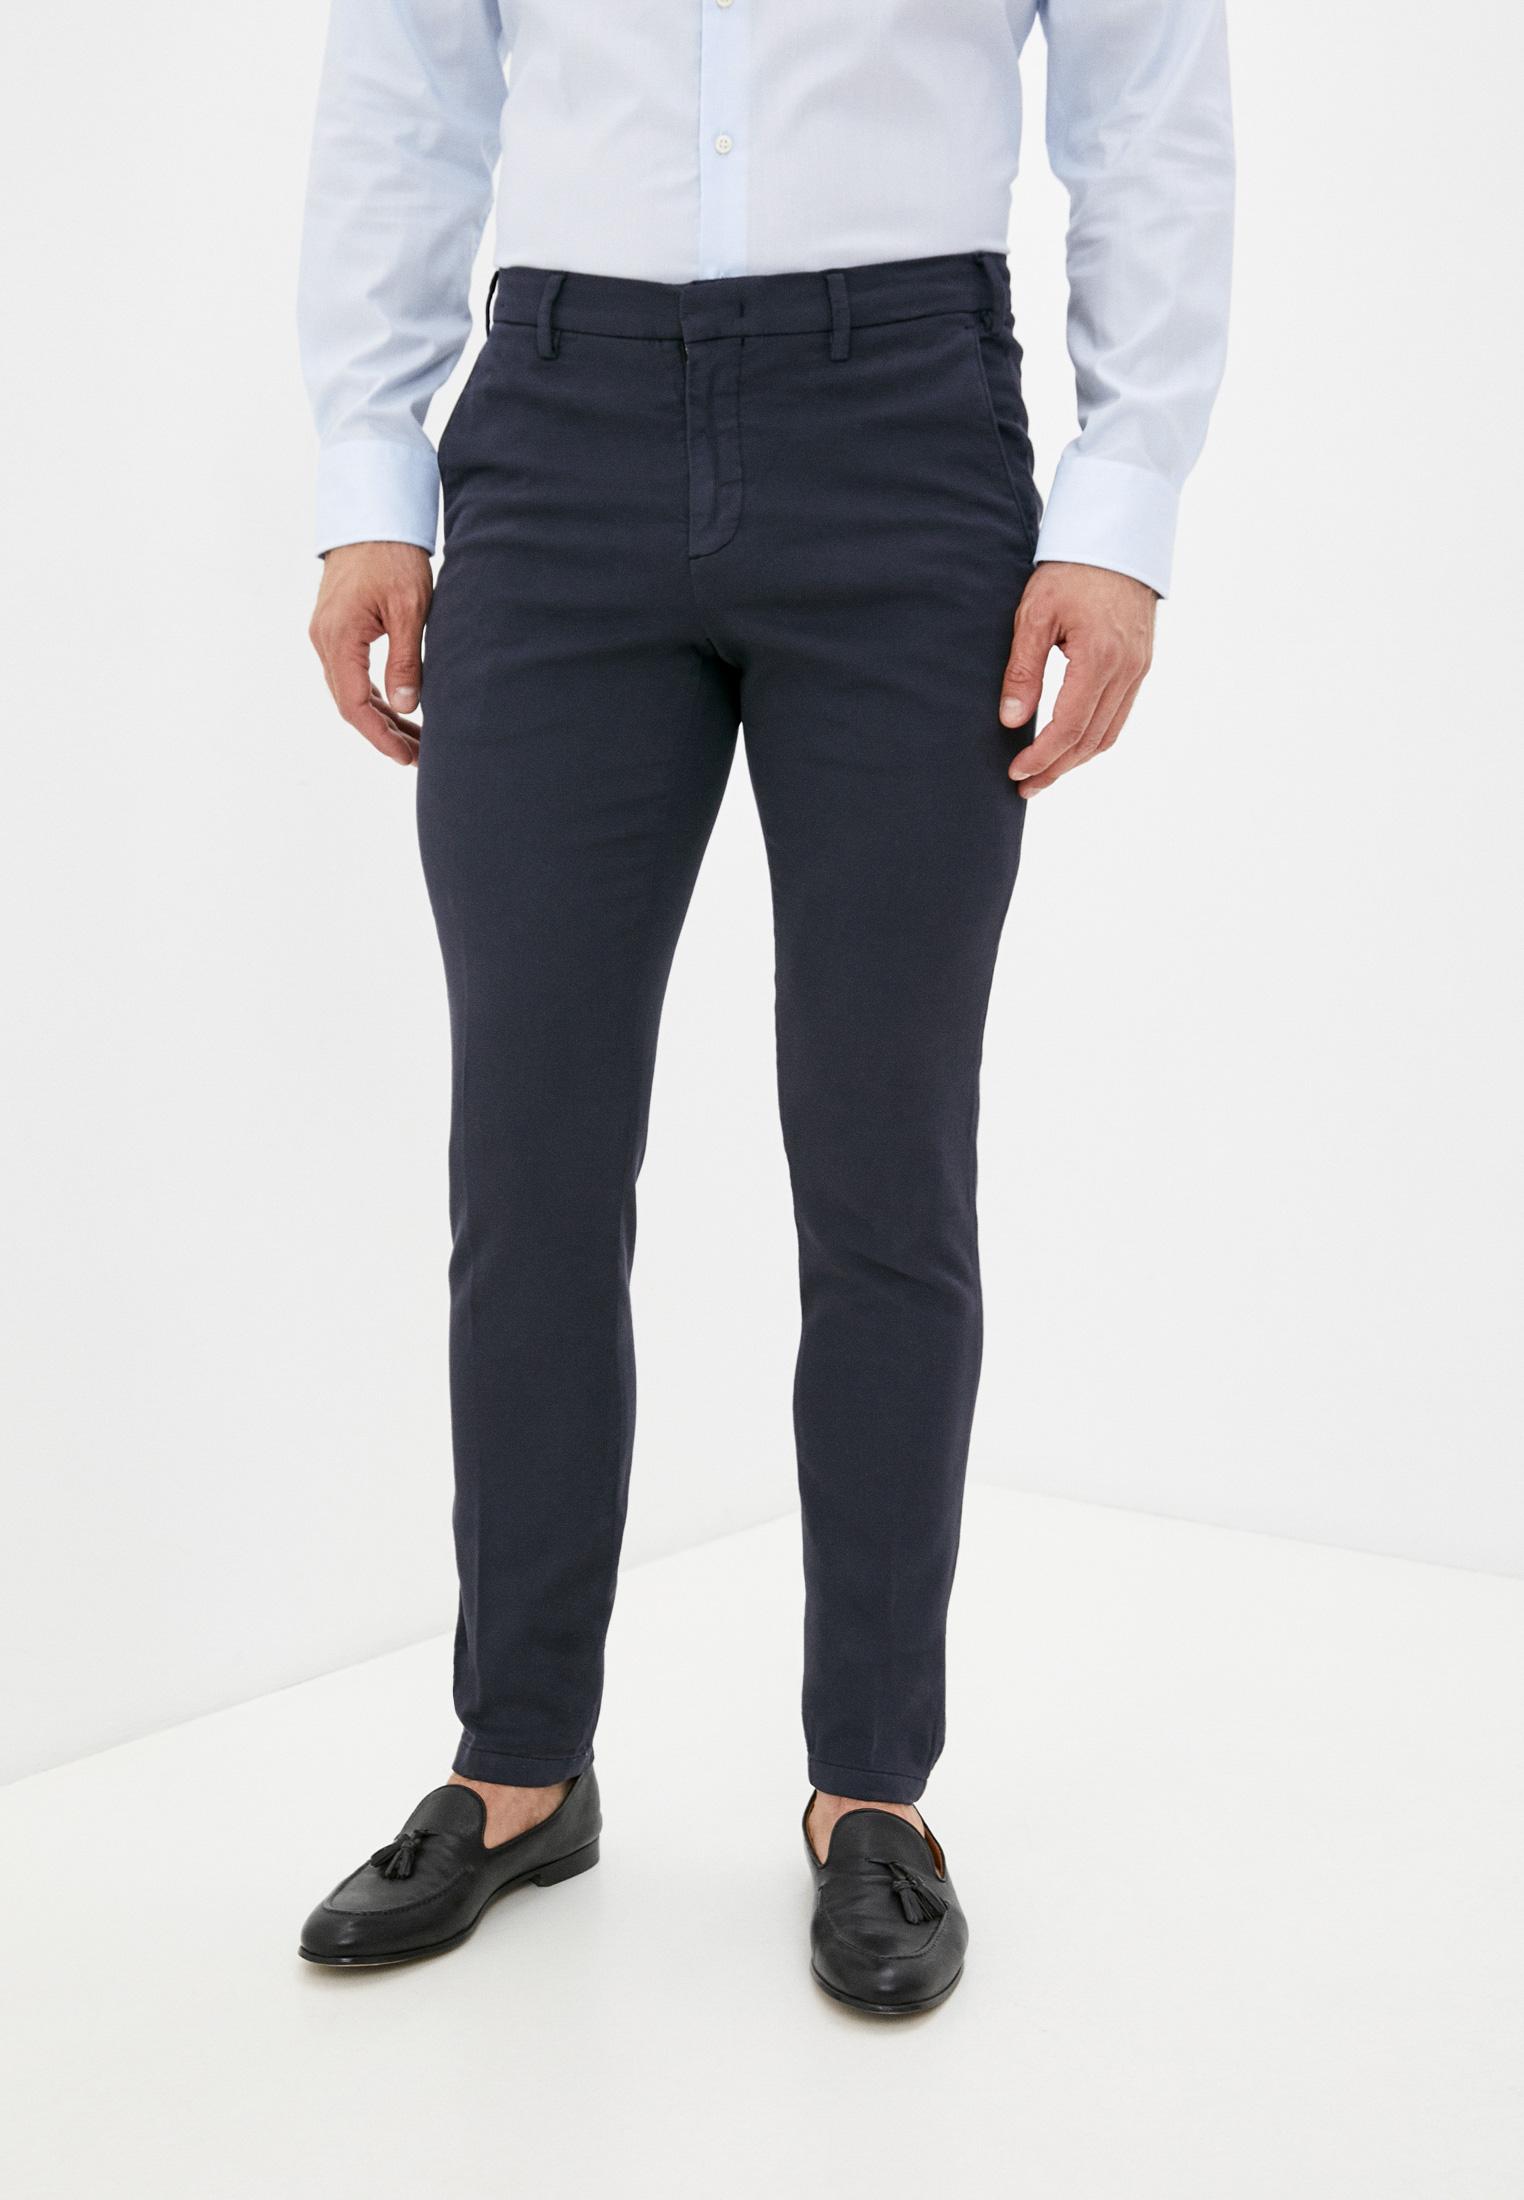 Мужские повседневные брюки BALDESSARINI (Балдессарини) Брюки Baldessarini